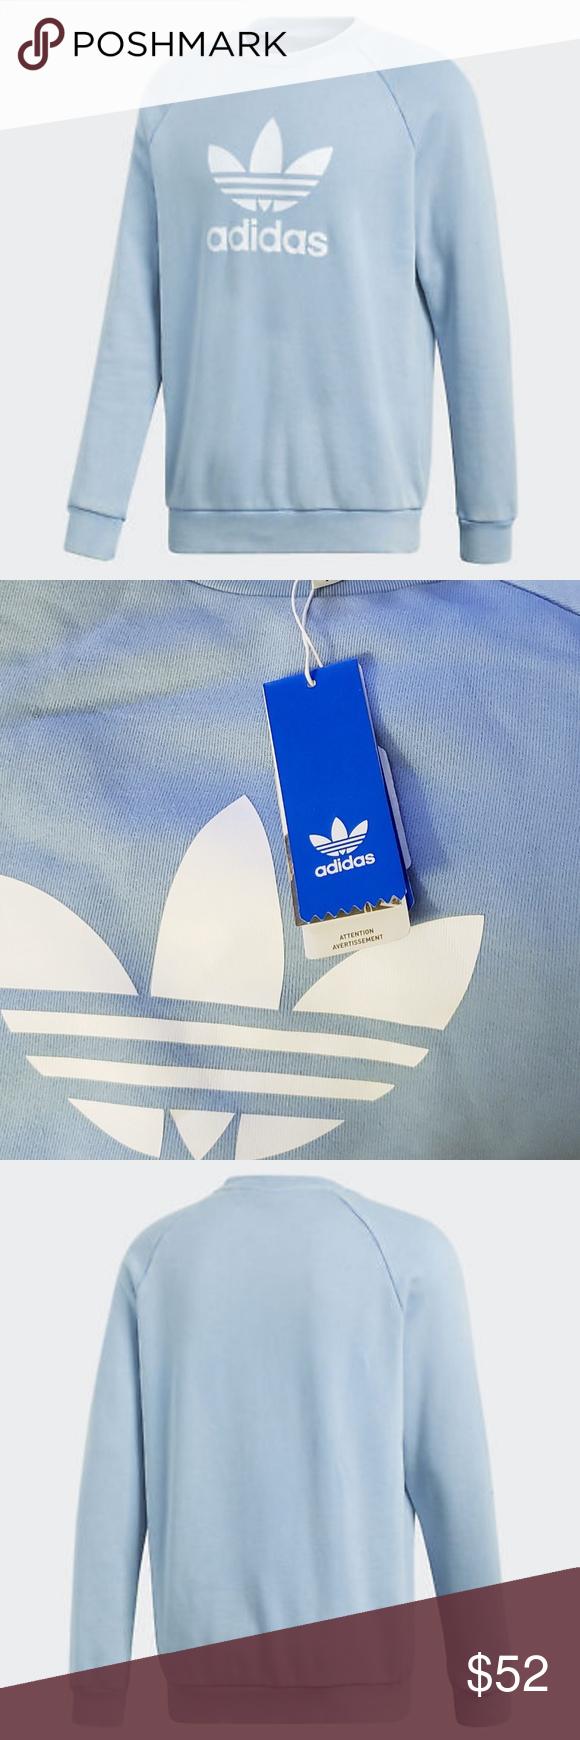 Adidas Trefoil Sweatshirt With Logo Nwt Sweatshirts Blue Adidas Adidas Trefoil [ 1740 x 580 Pixel ]